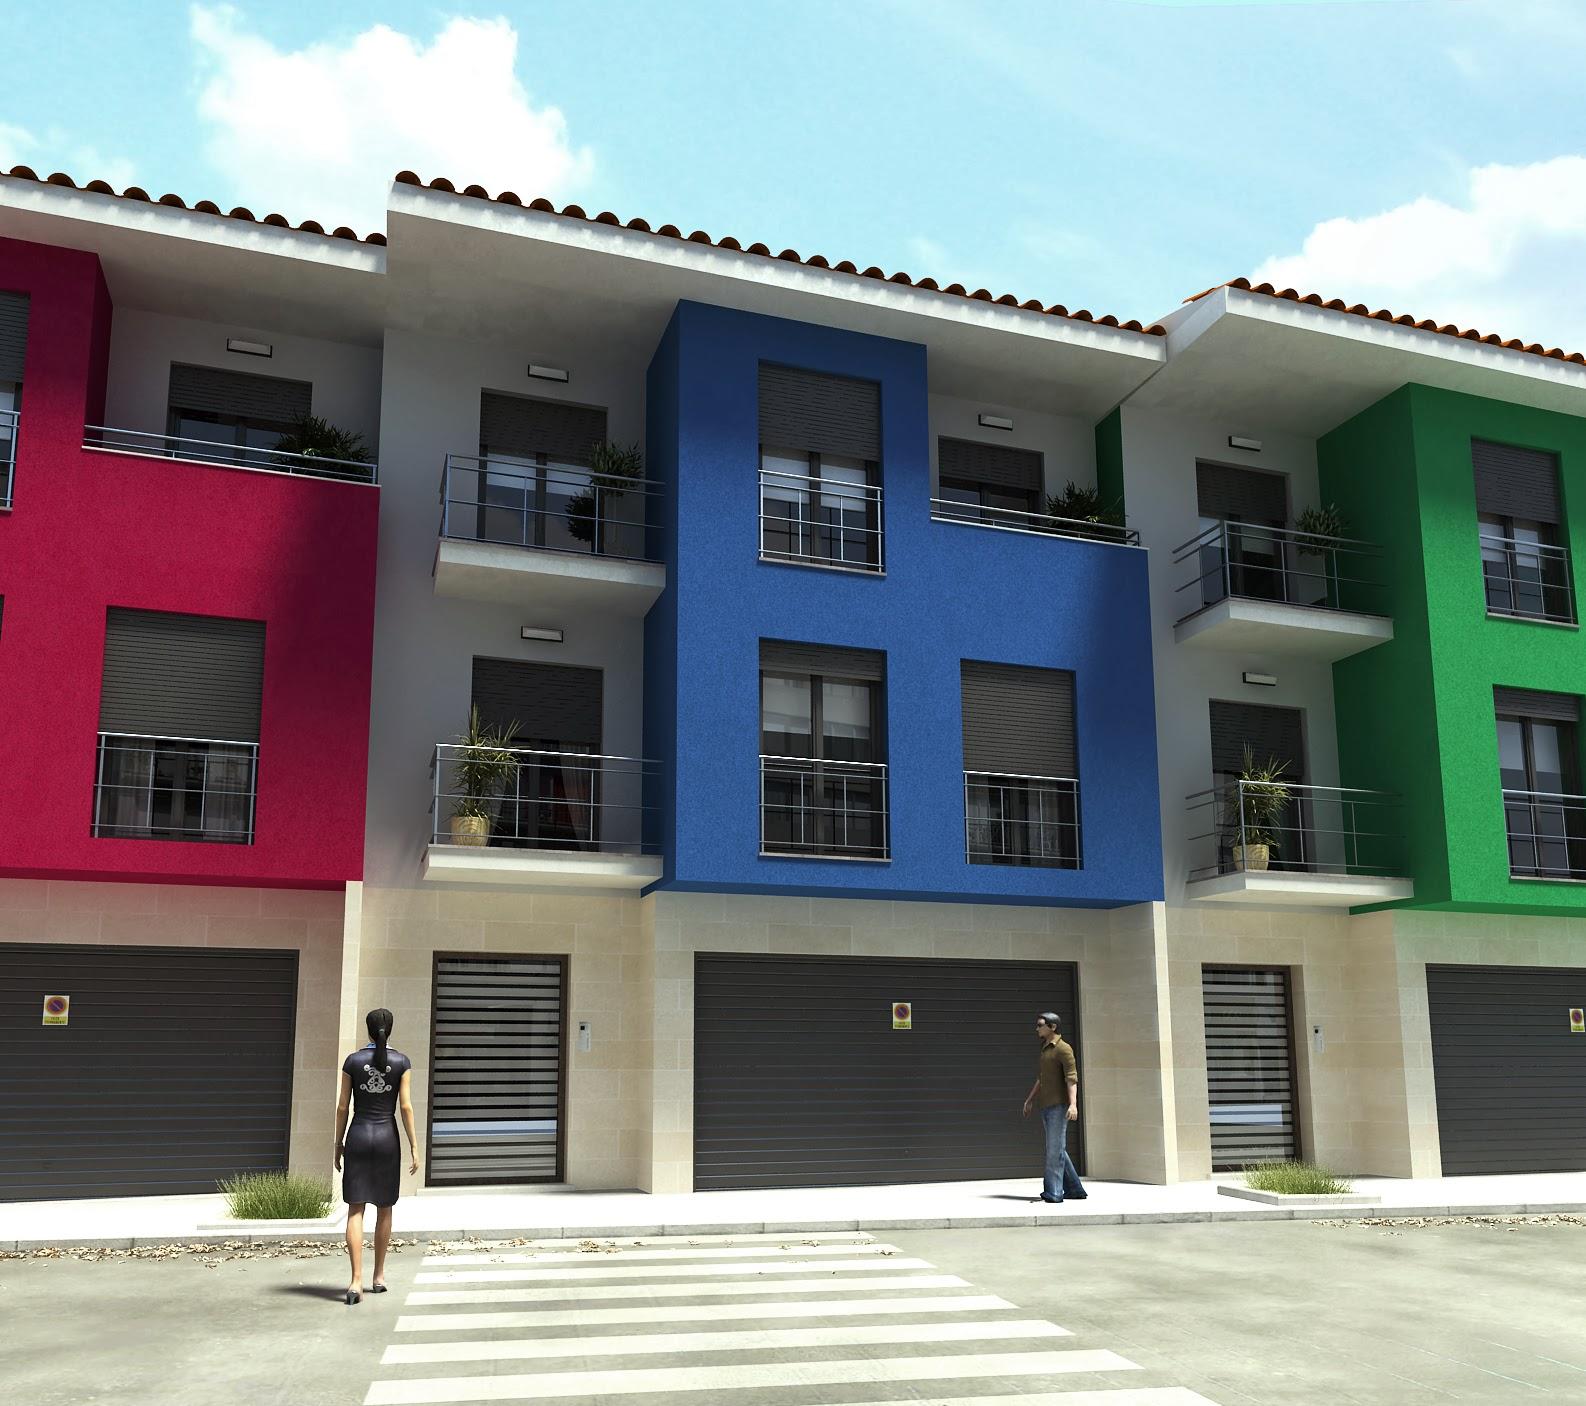 Estudio de arquitectura francisco javier delgado bloque for Local arquitectura